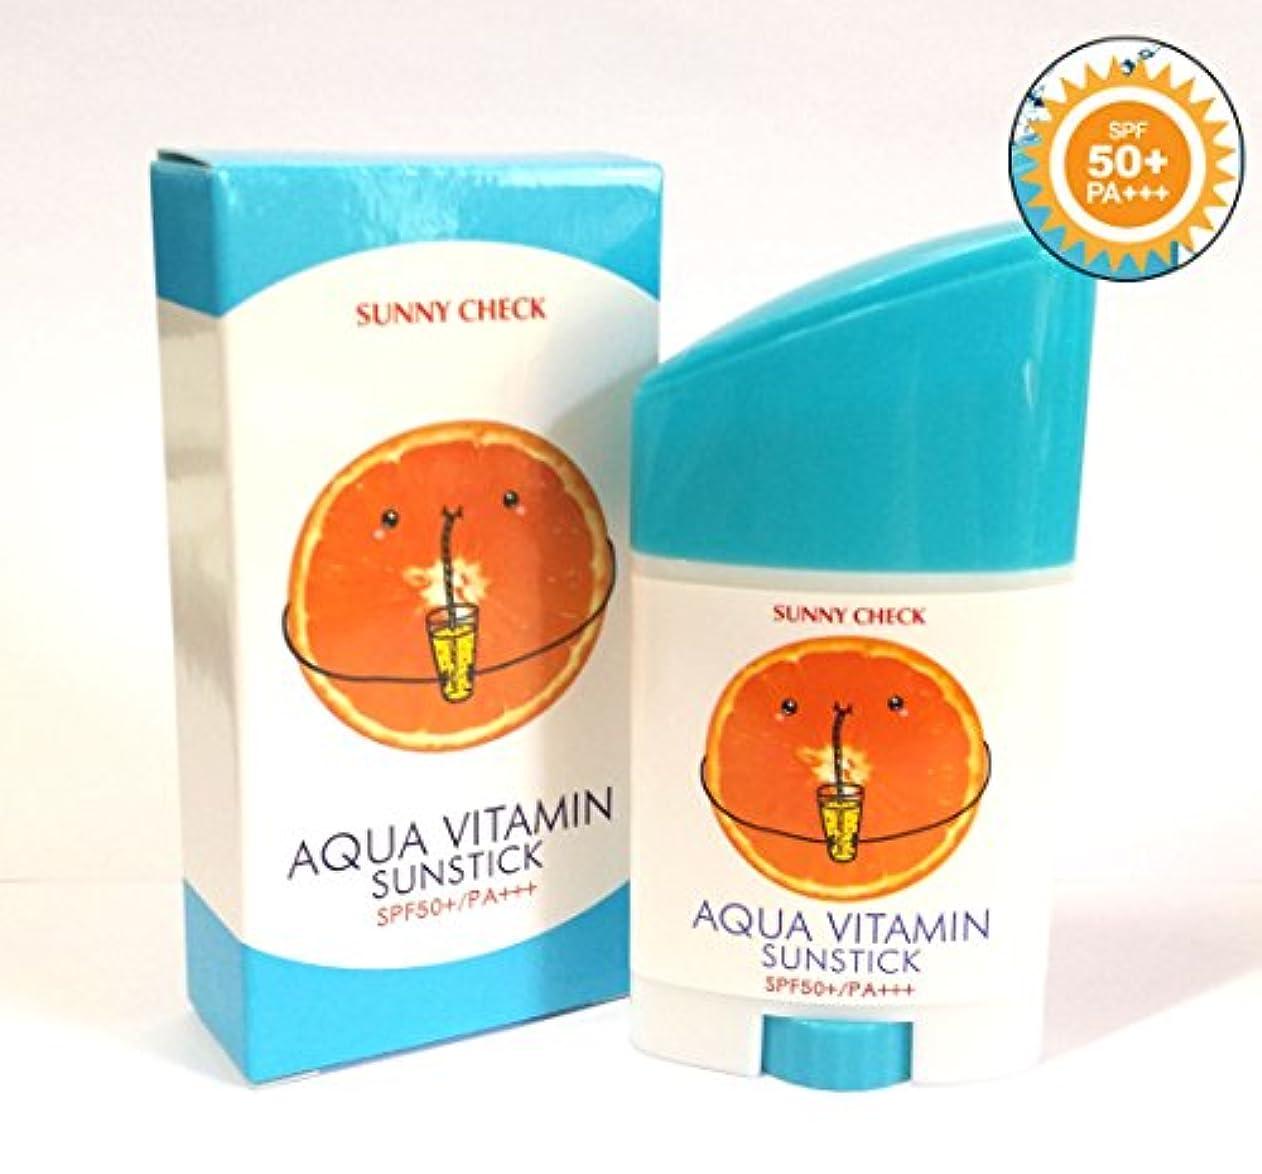 急降下事件、出来事かすれた[Sunny Check] アクアビタミンサンスティックSPF50 + PA +++ 26g(0.9oz)/UVプロテクション/韓国化粧品/Aqua Vitamin Sun Stick SPF50+ PA+++ 26g(...